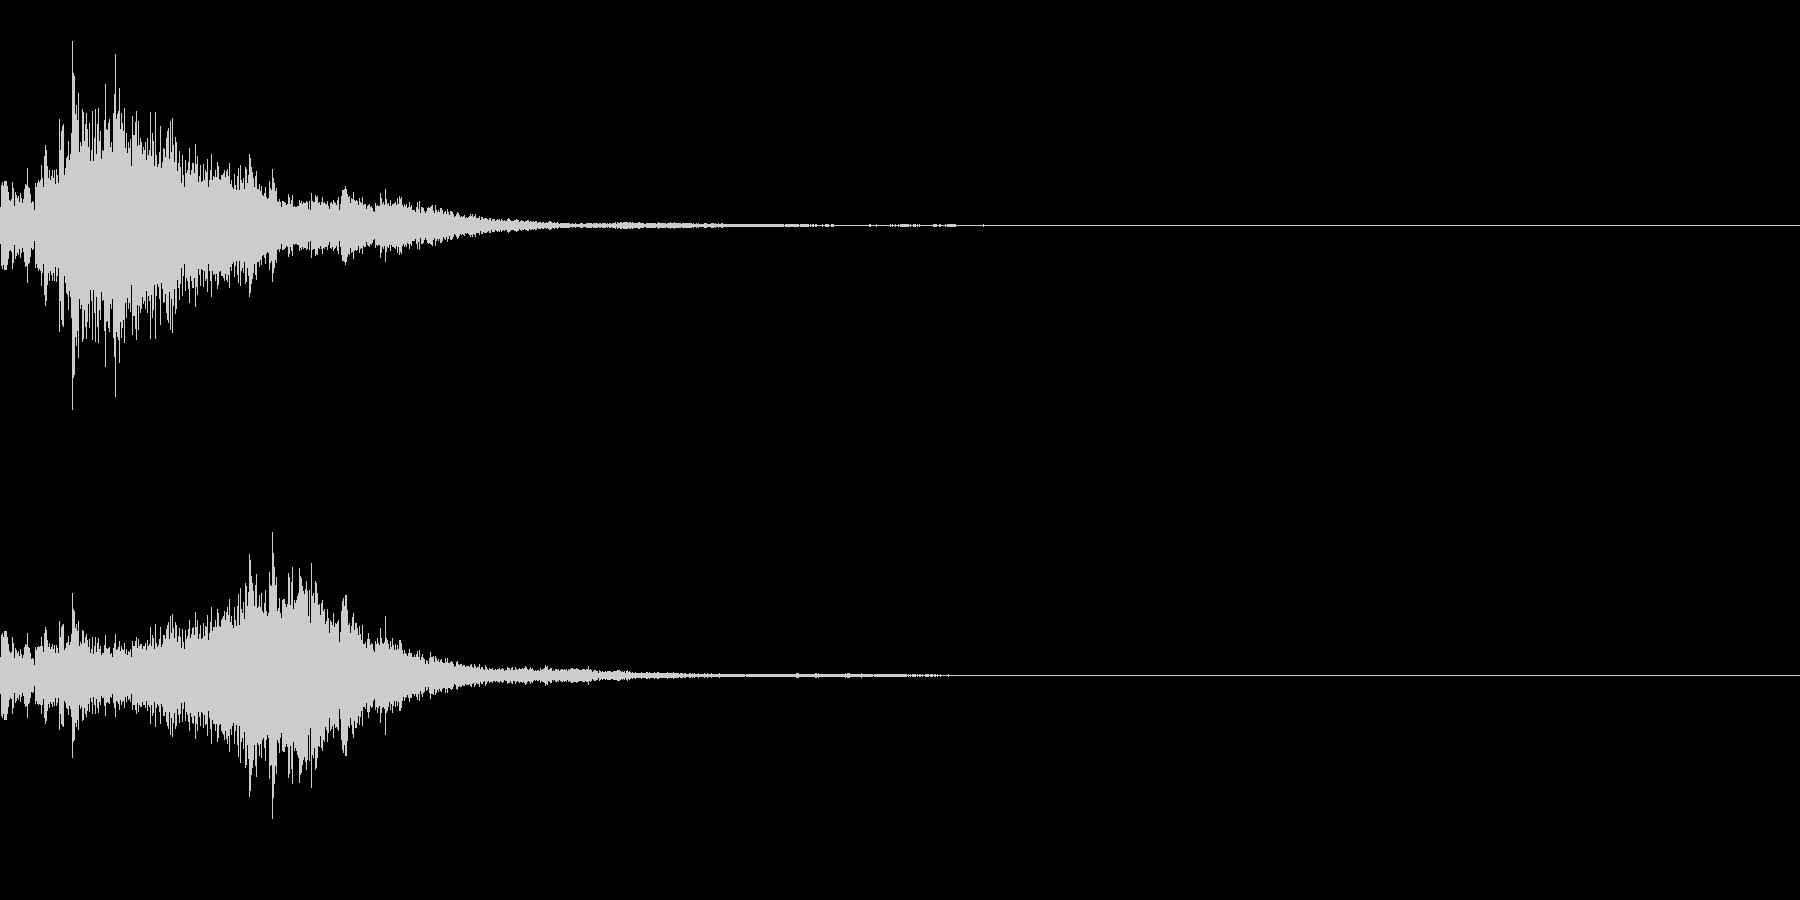 [効果音]キラキラ、着信音の未再生の波形